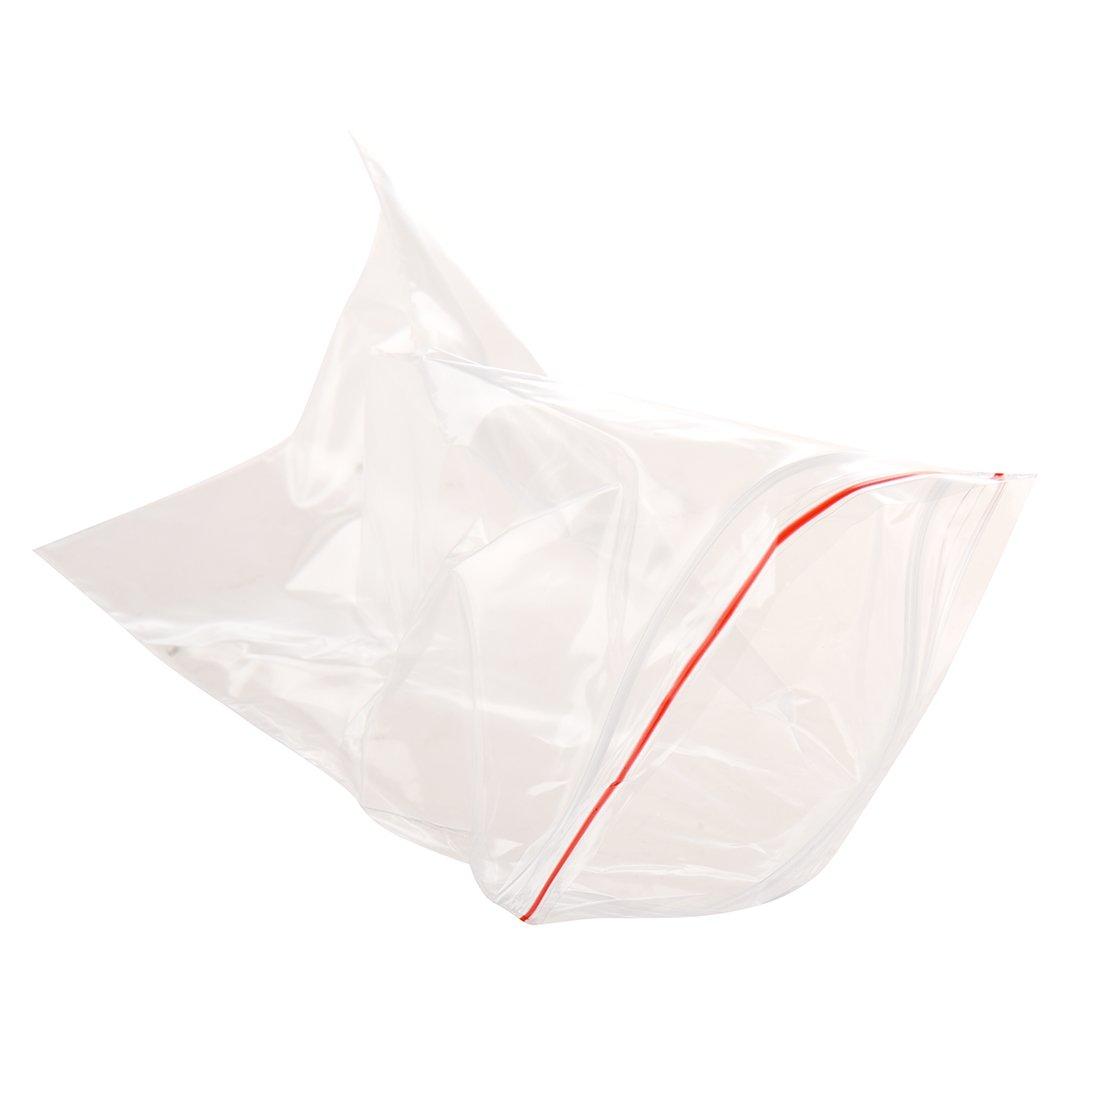 REFURBISHHOUSE 100 pcs de Bolsita Transparente de Plastico con Cierre Bolsa de ziploc 5X7cm